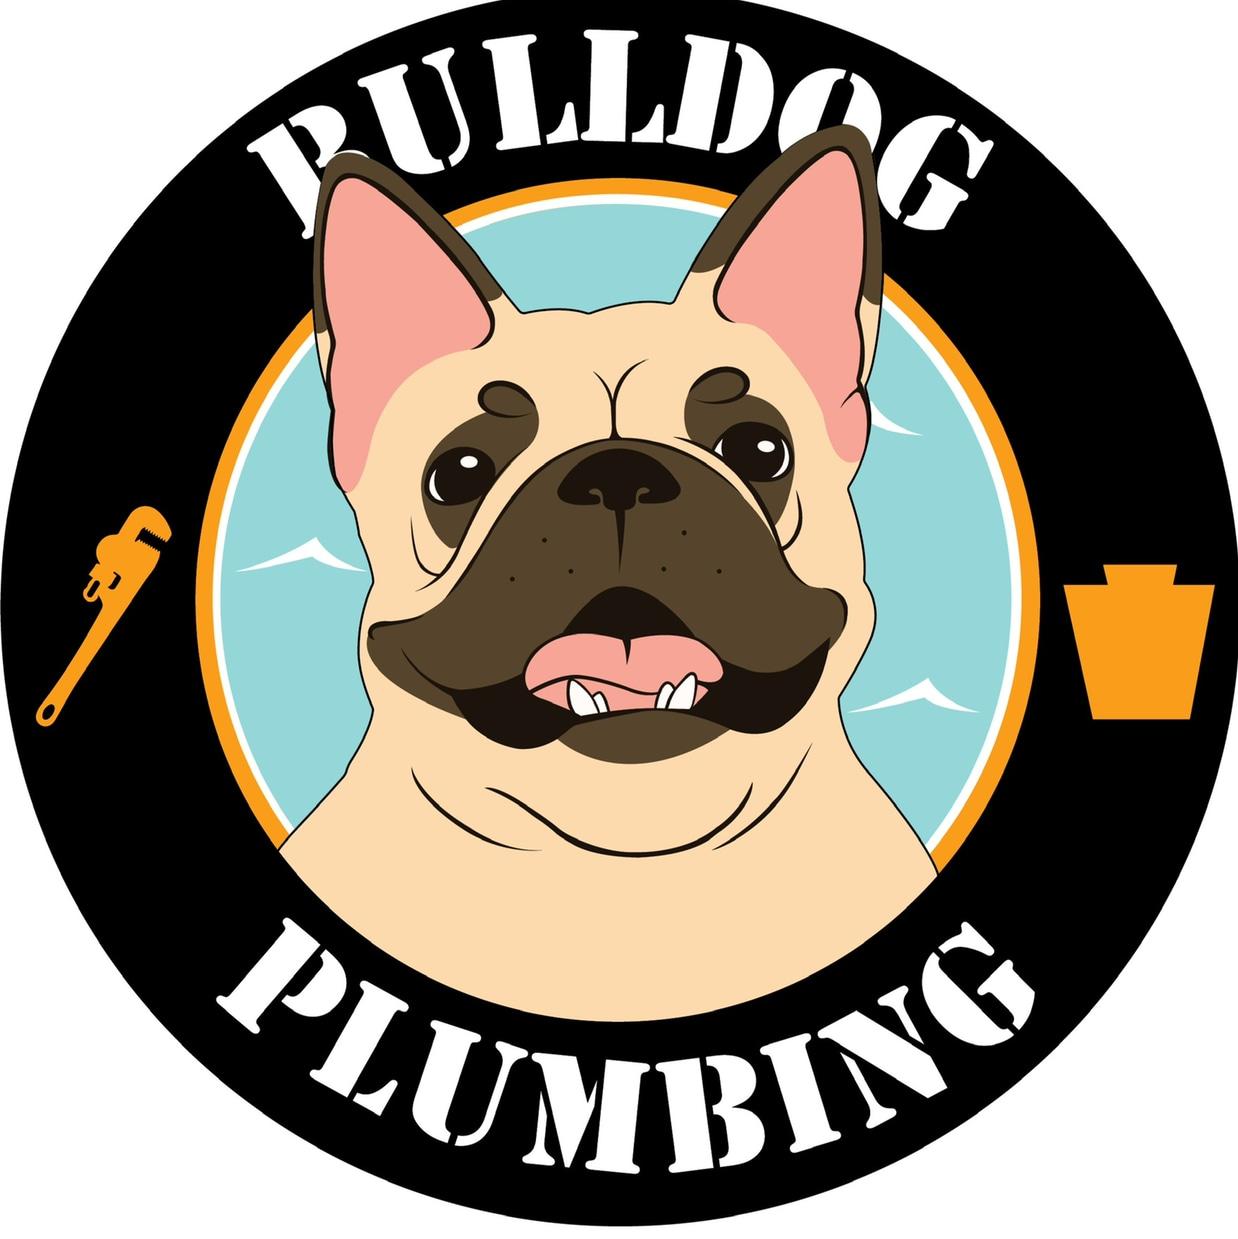 Bulldog Plumbing